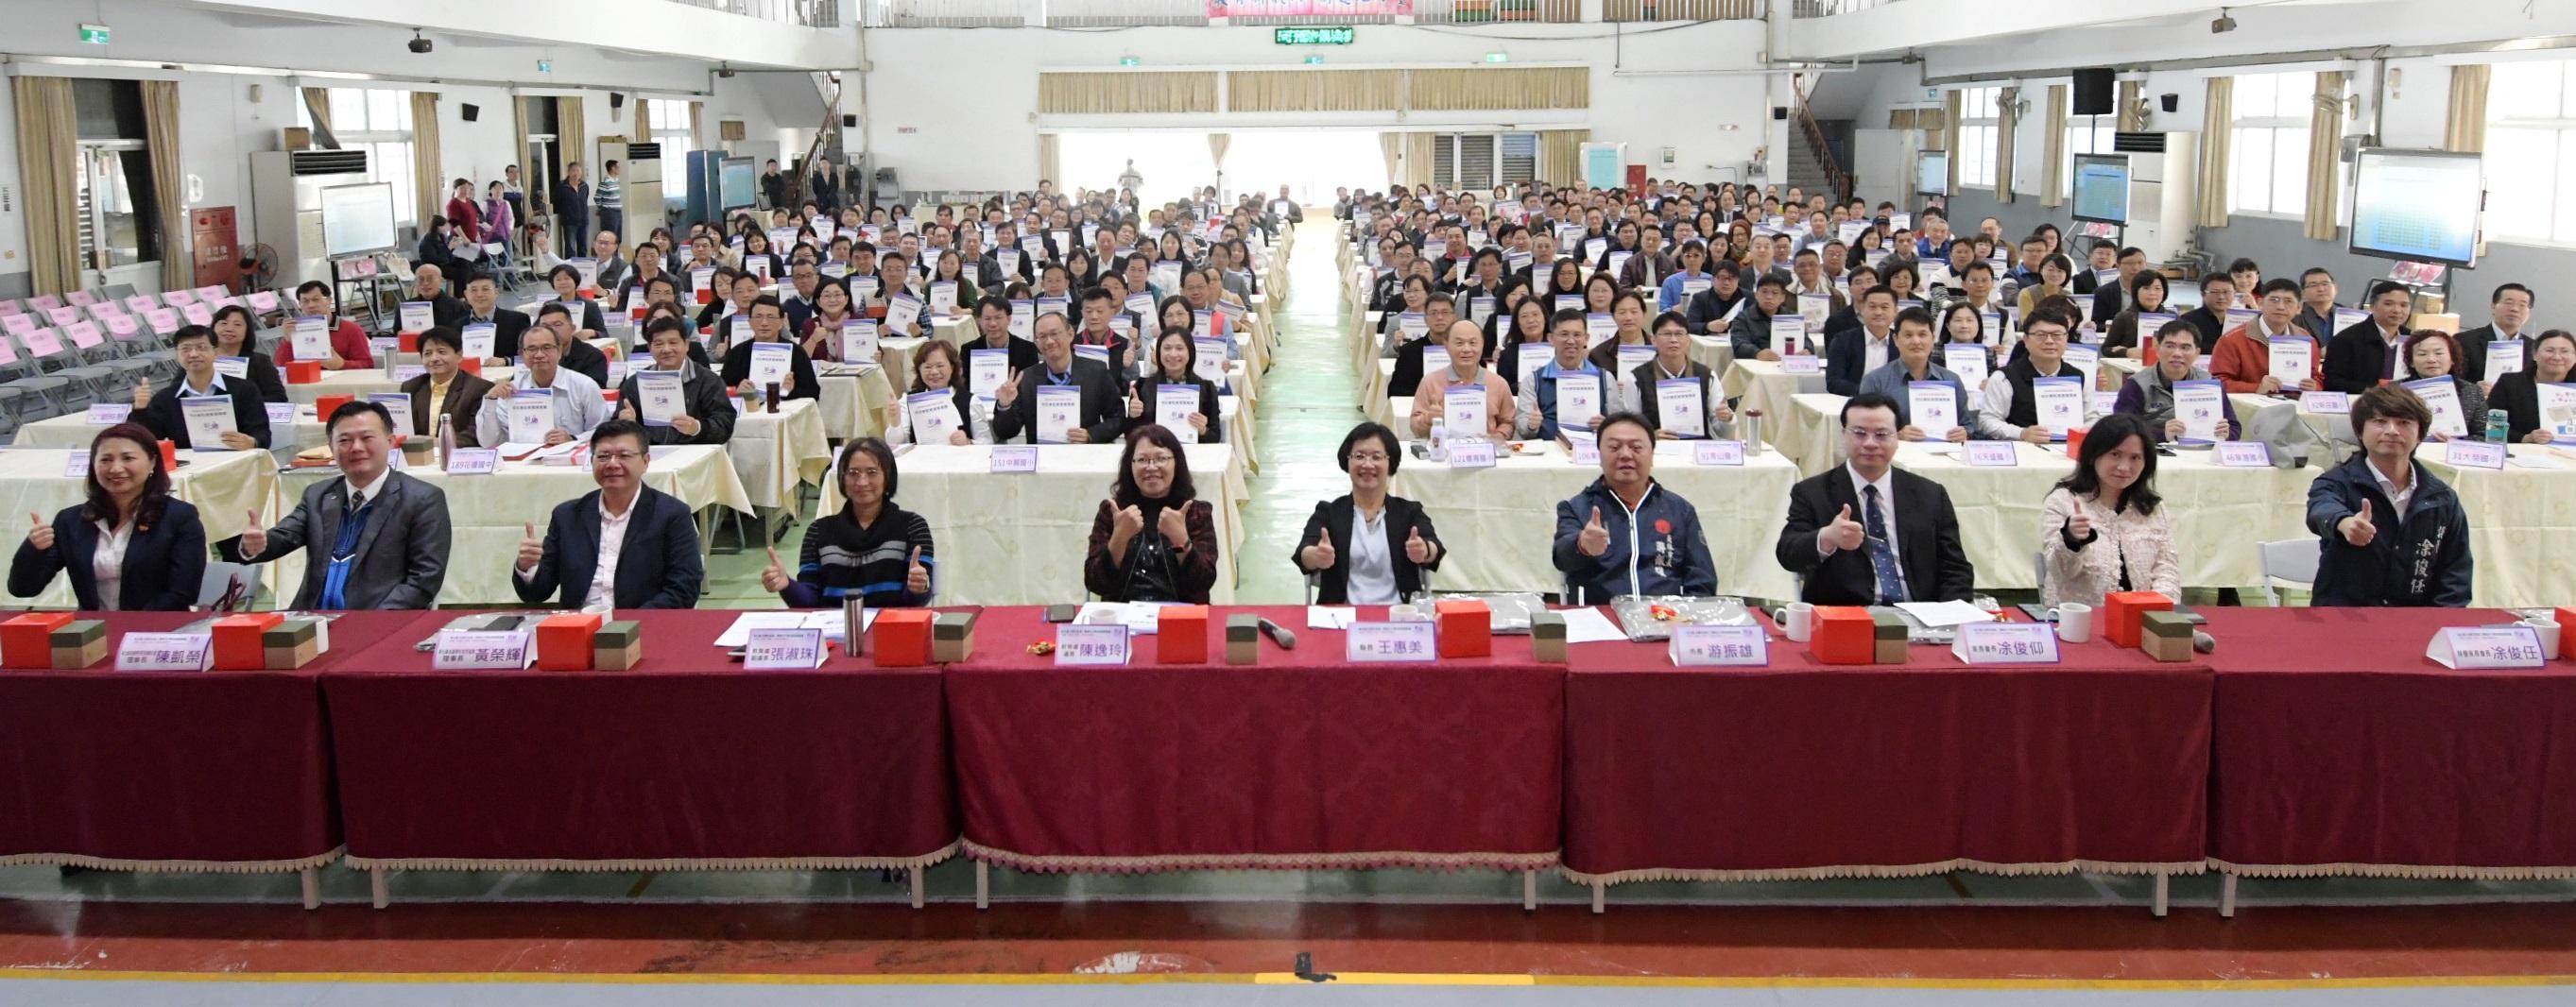 彰化縣108學年度第二學期中小學校務發展會議